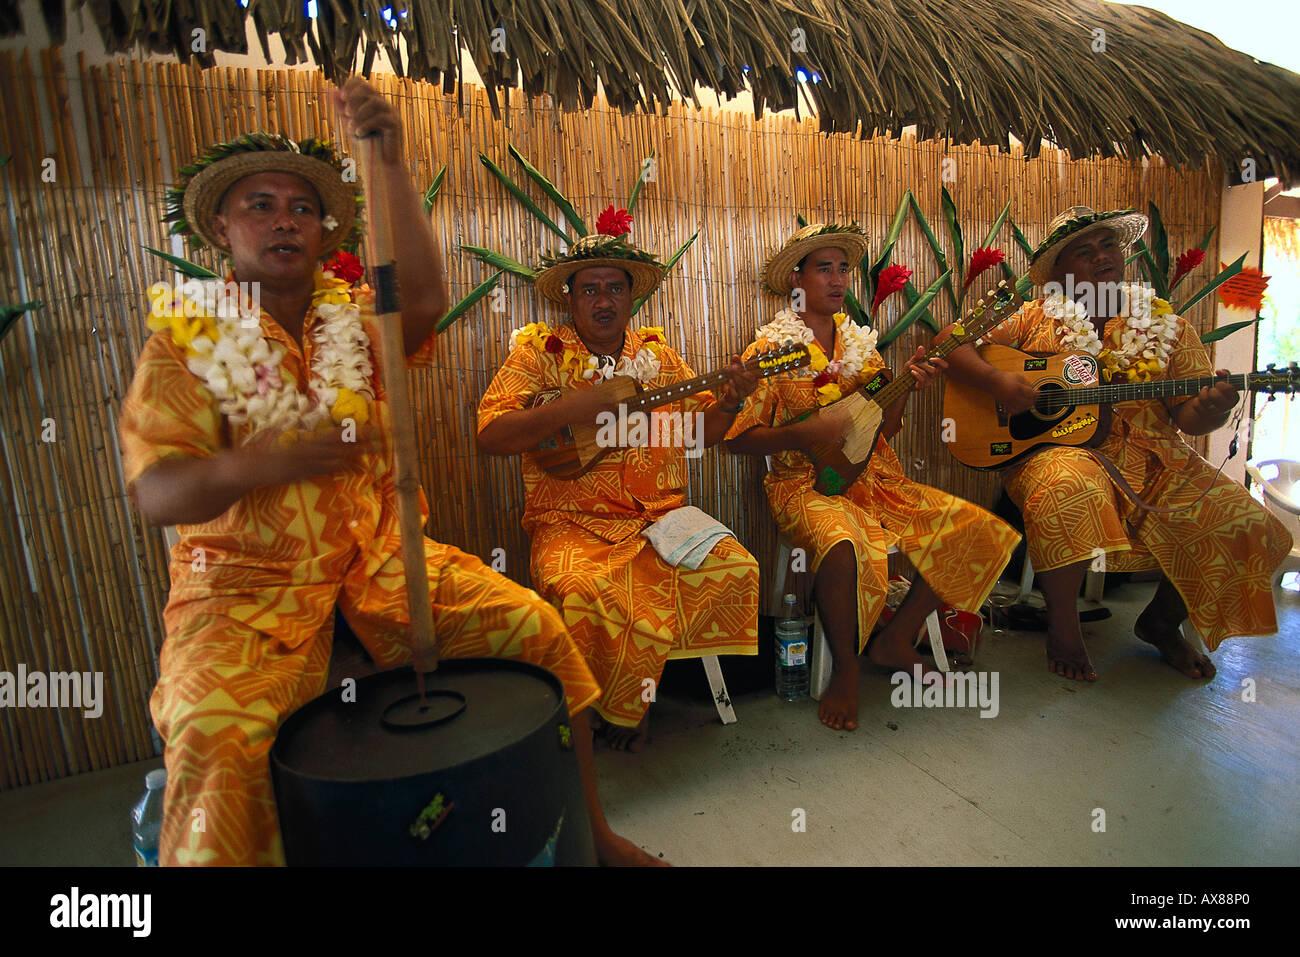 Musiker, Band Tamarii Himene öffentlichen Marché, Papeete, Tahiti Franzoesisch Polynesien Stockbild